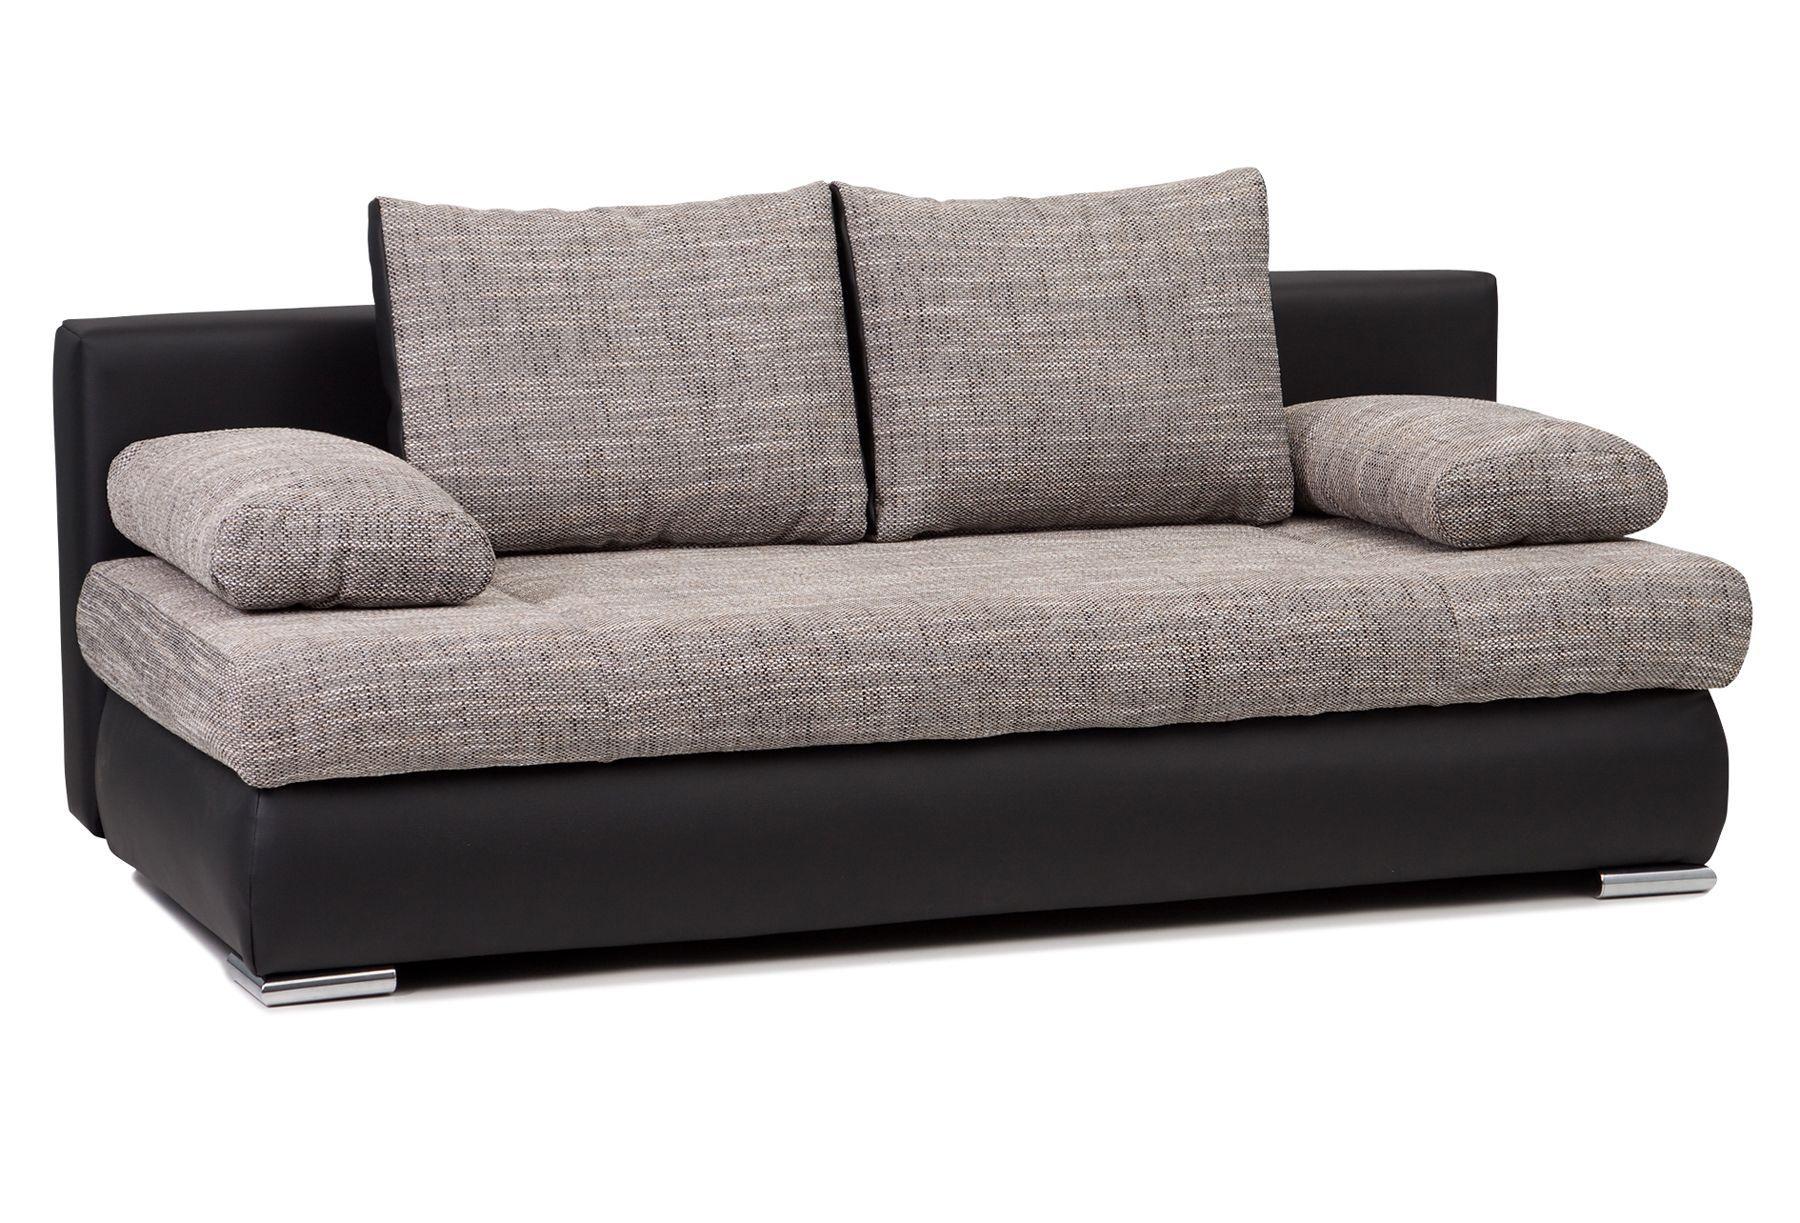 schlafsofa g nstig online kaufen beim schwab versand. Black Bedroom Furniture Sets. Home Design Ideas